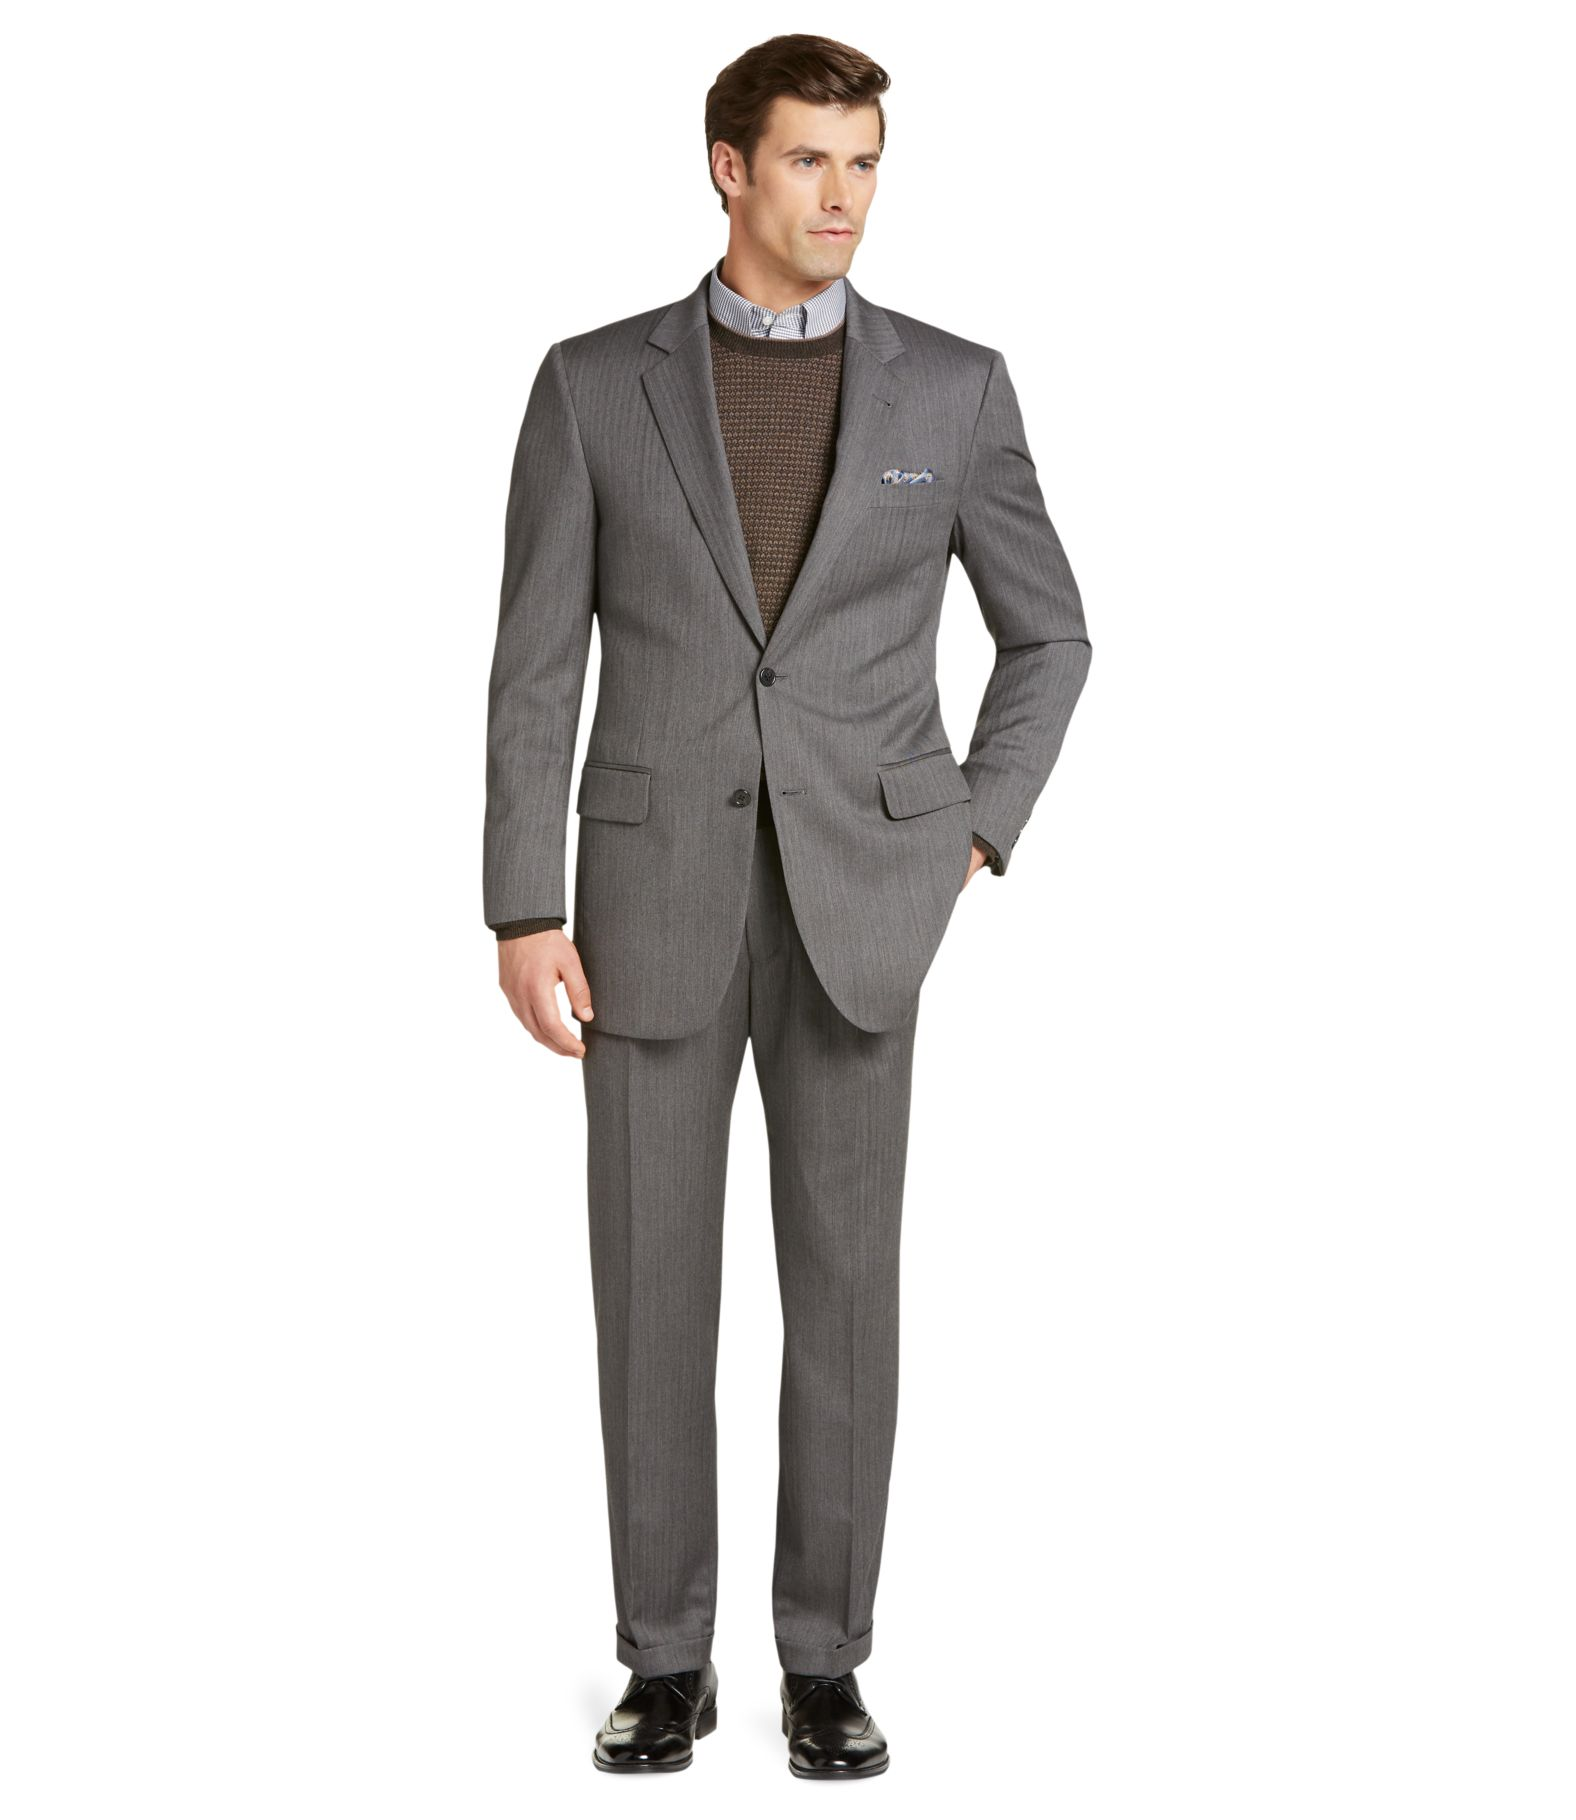 Signature Suits   Men's Suits   JoS. A. Bank Clothiers